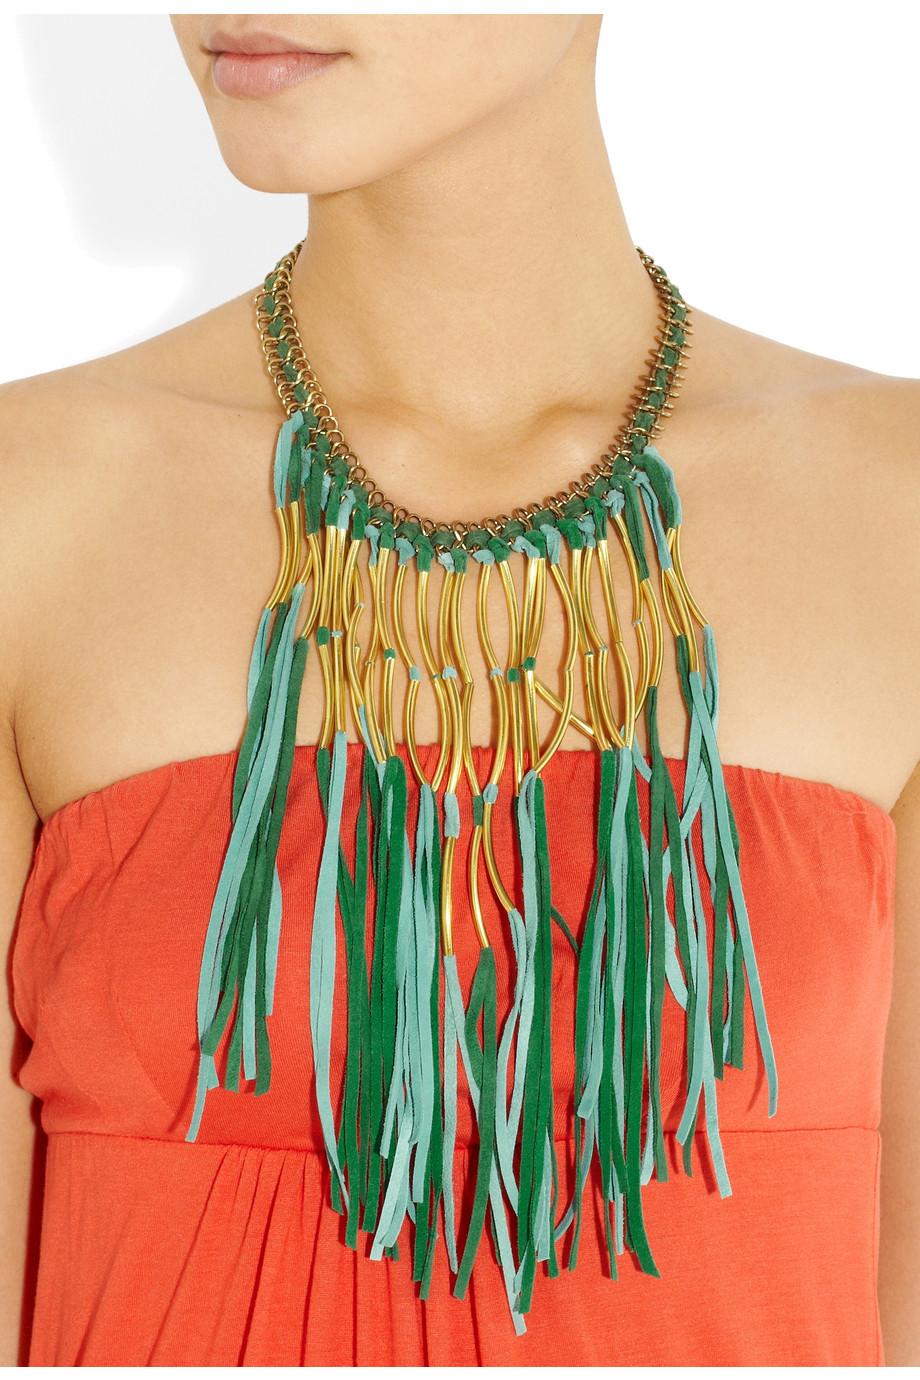 Antik Batik Elias Tasseled Suede Necklace in Turquoise (Green)